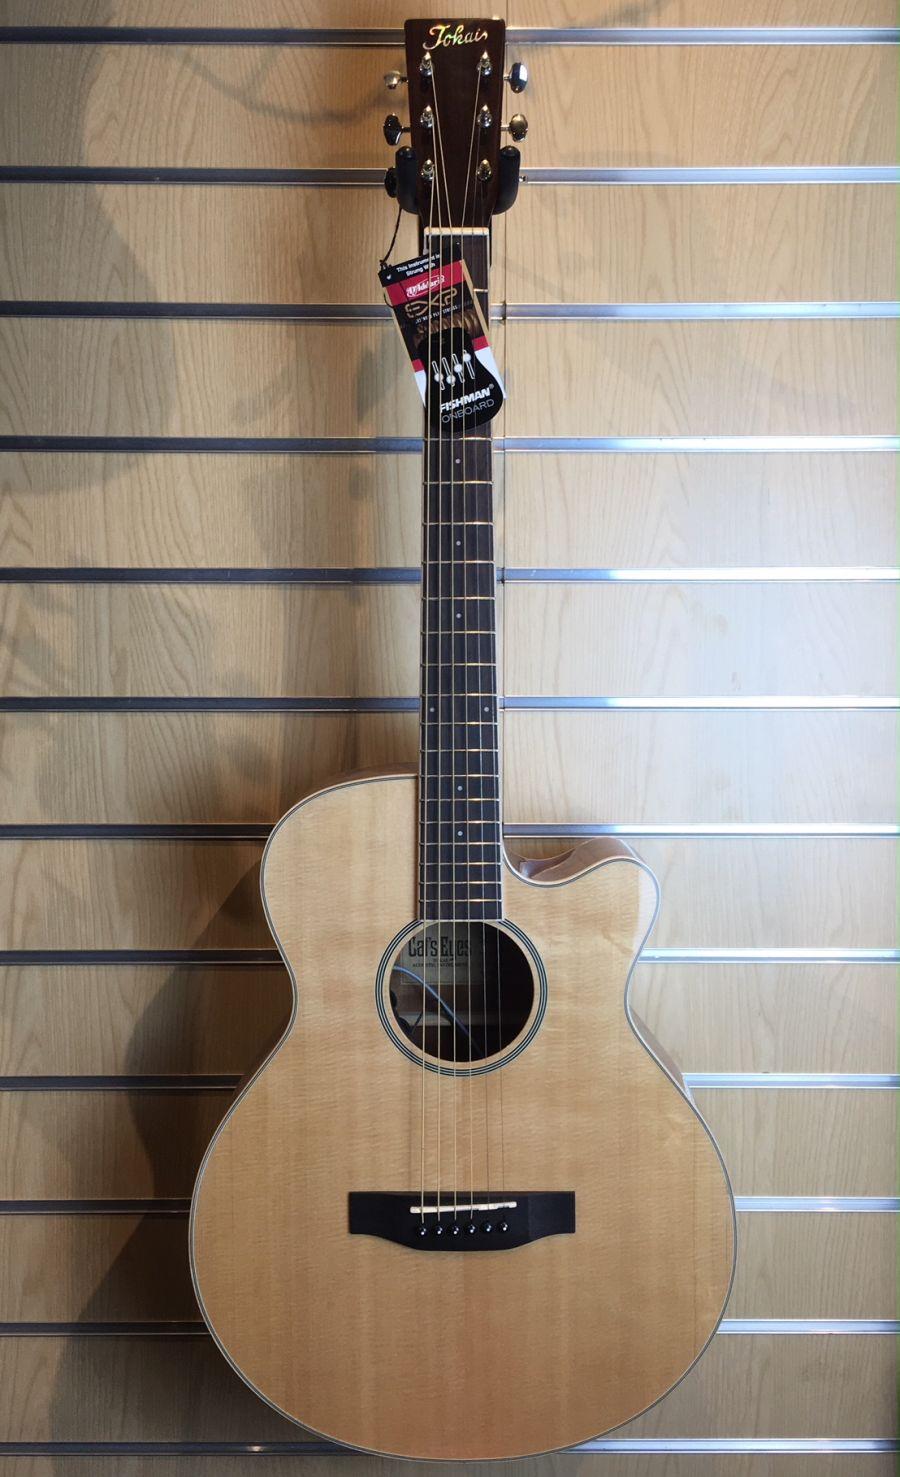 Tokai CE170E Electro Acoustic Guitar with Gig Bag